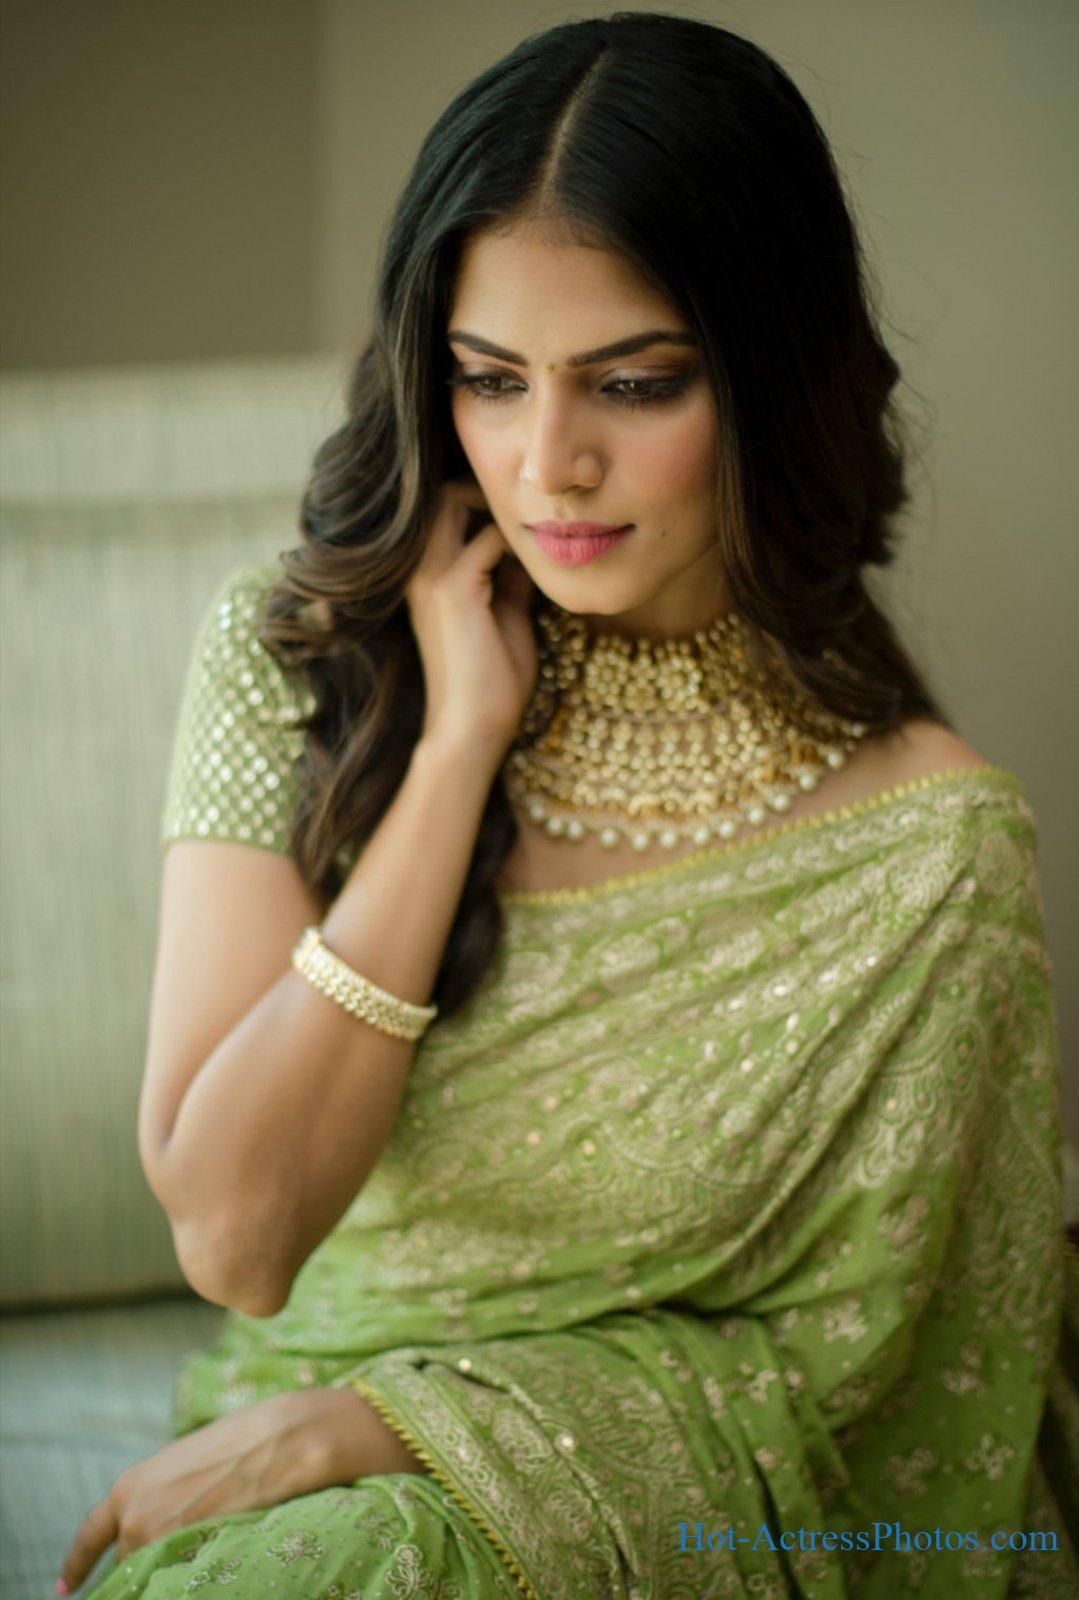 Malavika Mohanan Hot Photos In Green Saree At Thalapathy 64 Movie Pooja